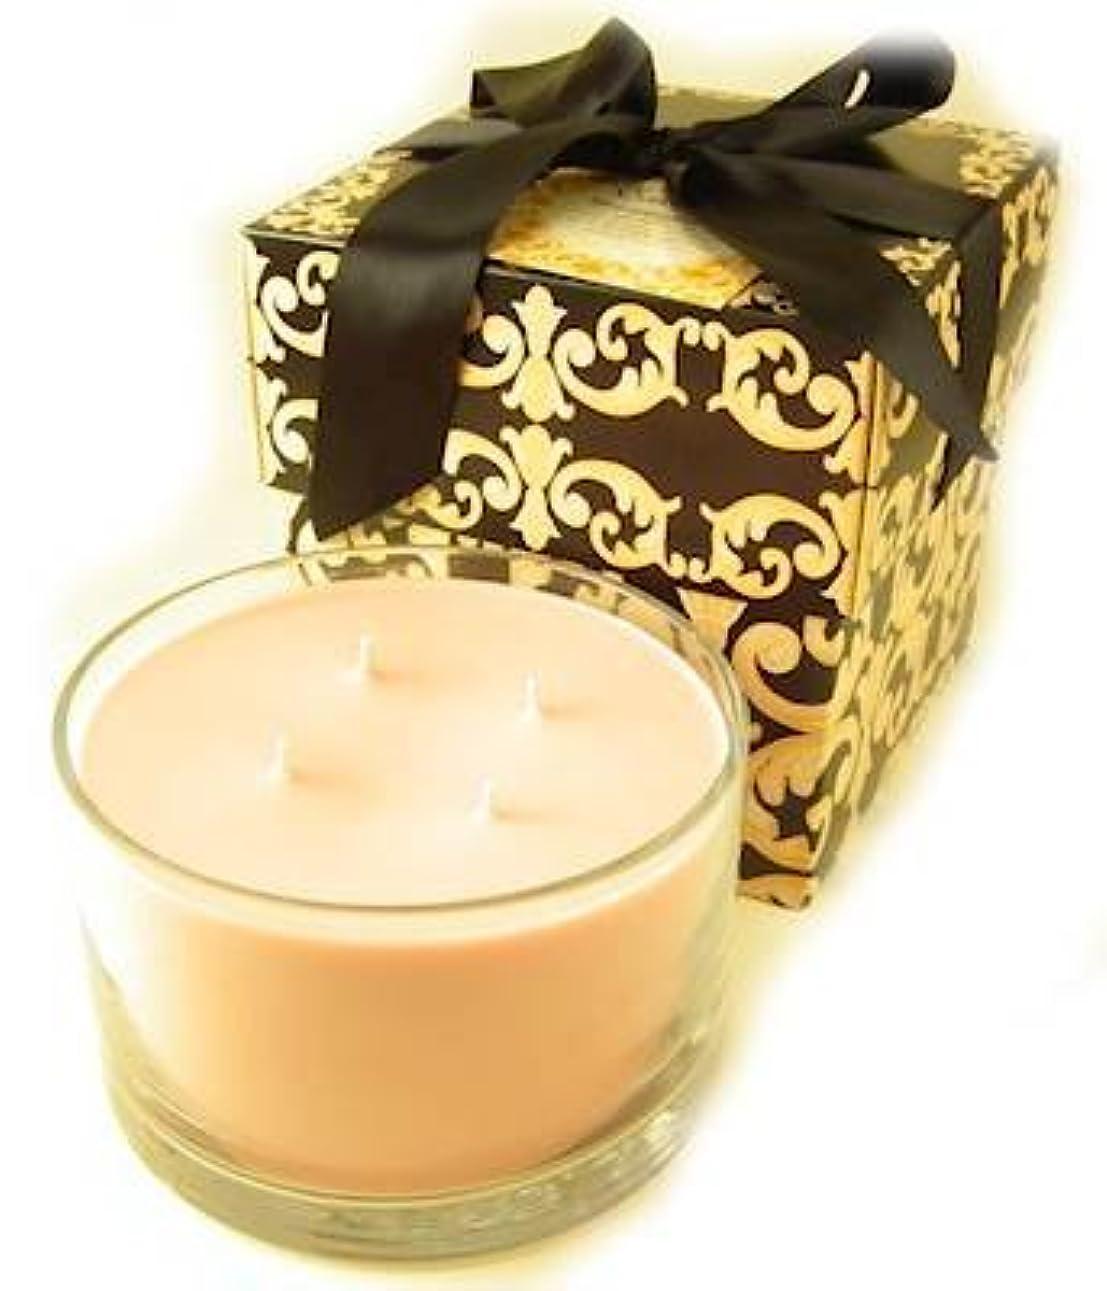 大陸求人人形BLESS YOUR HEART - EXCLUSIVE TYLER 1180ml 4-Wick Scented Jar Candle